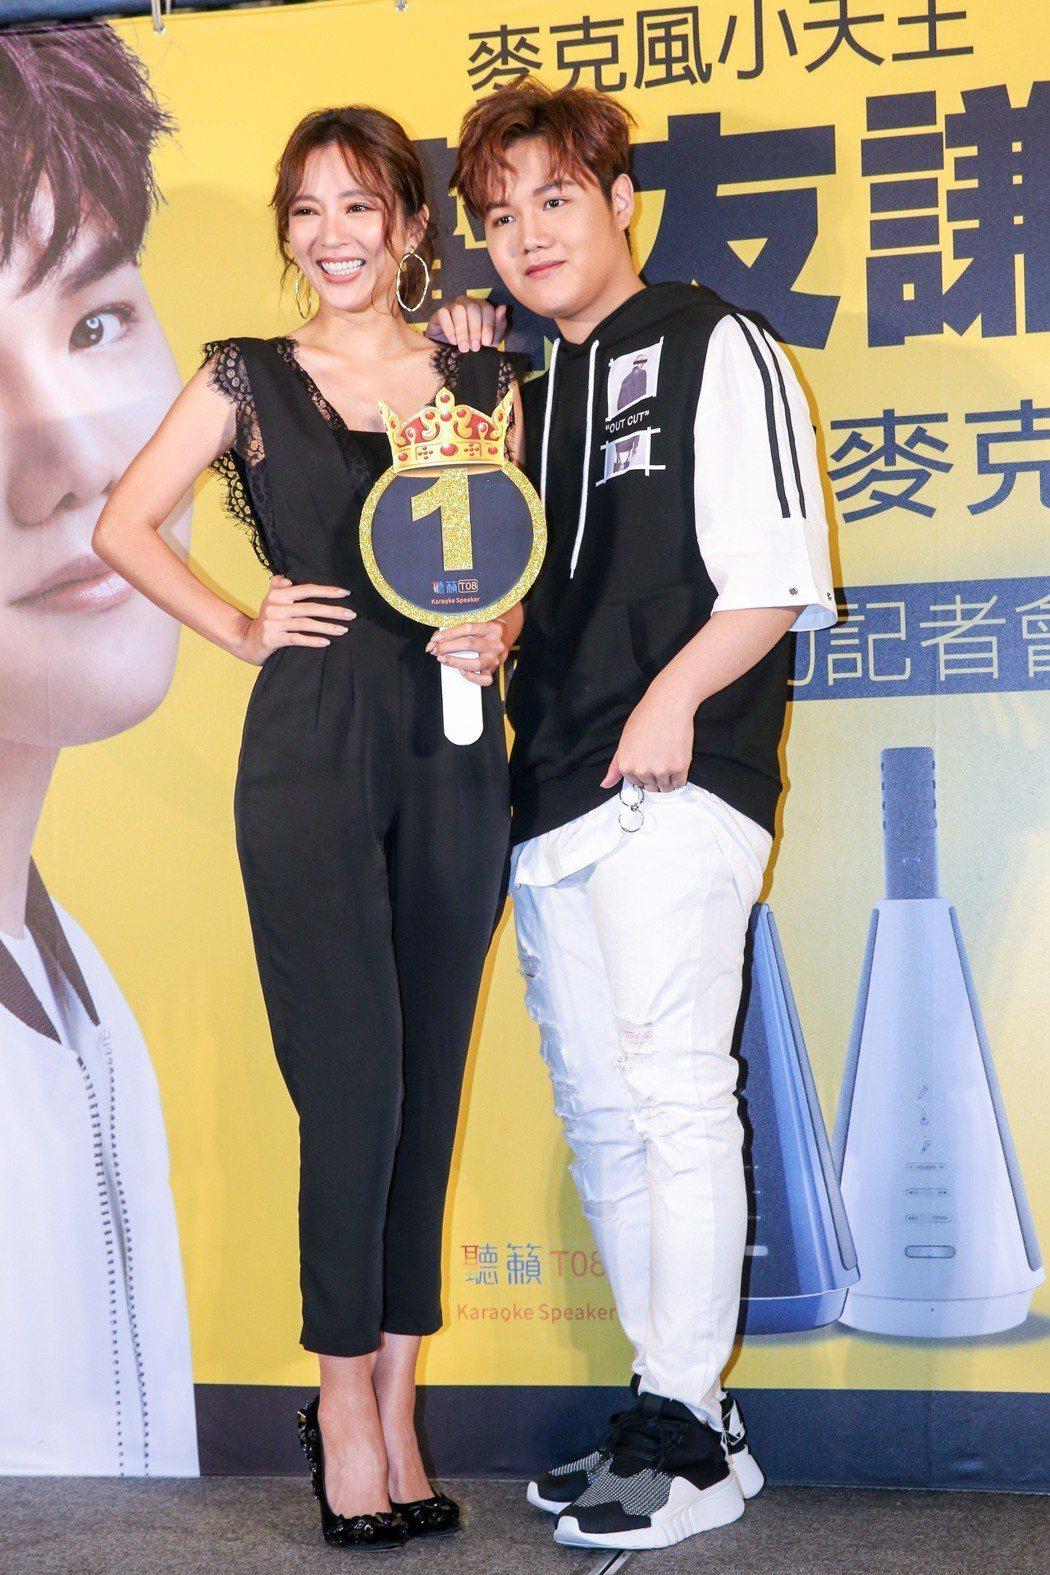 蘇友謙(右)舉行慶功記者會,品牌代言人高宇蓁(左)來站台。記者鄭清元/攝影